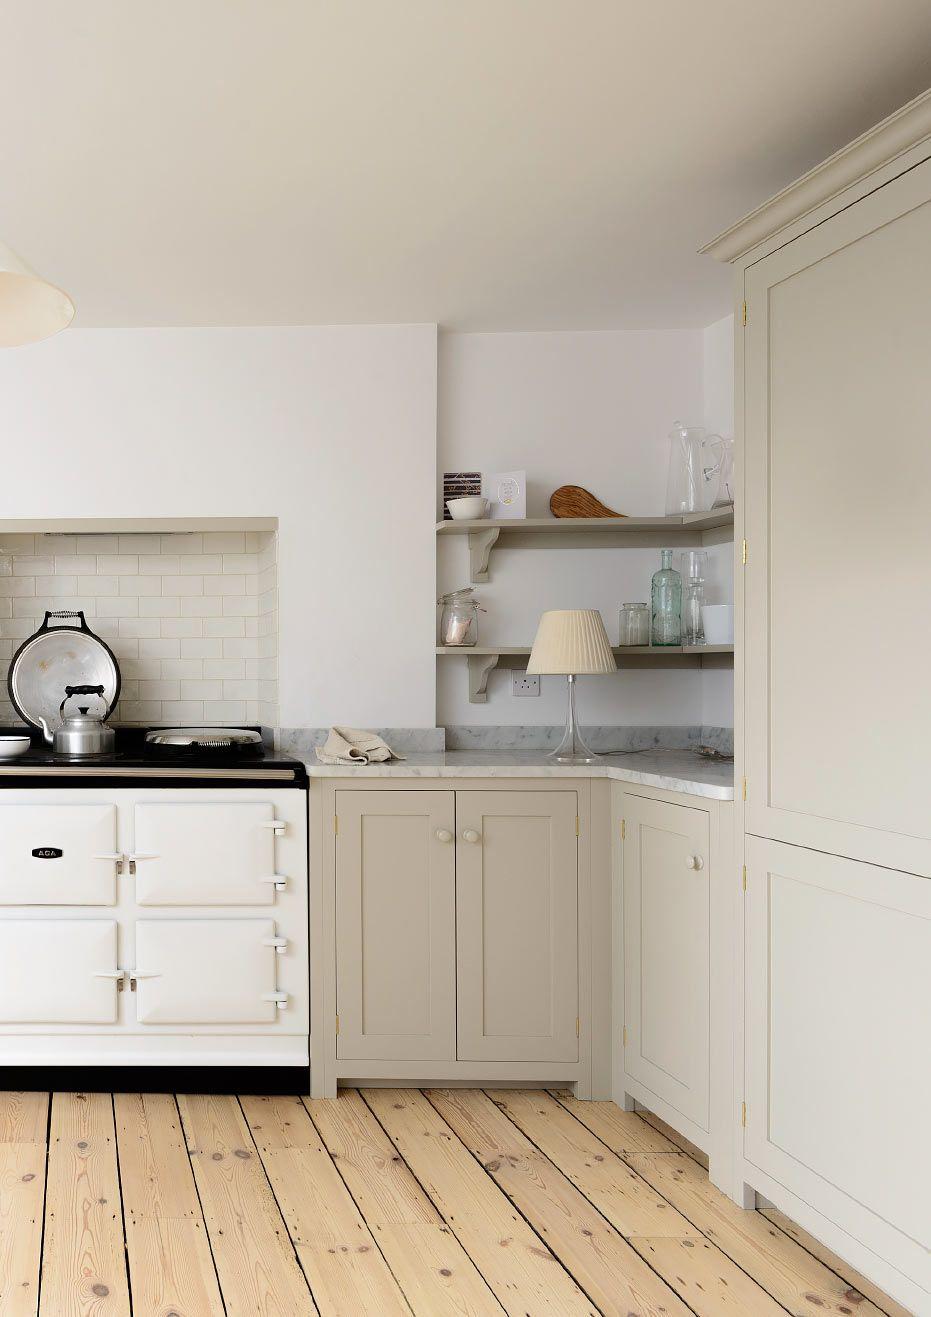 Shaker kitchen brochure devol kitchens - Shaker Kitchen Brochure Devol Kitchens